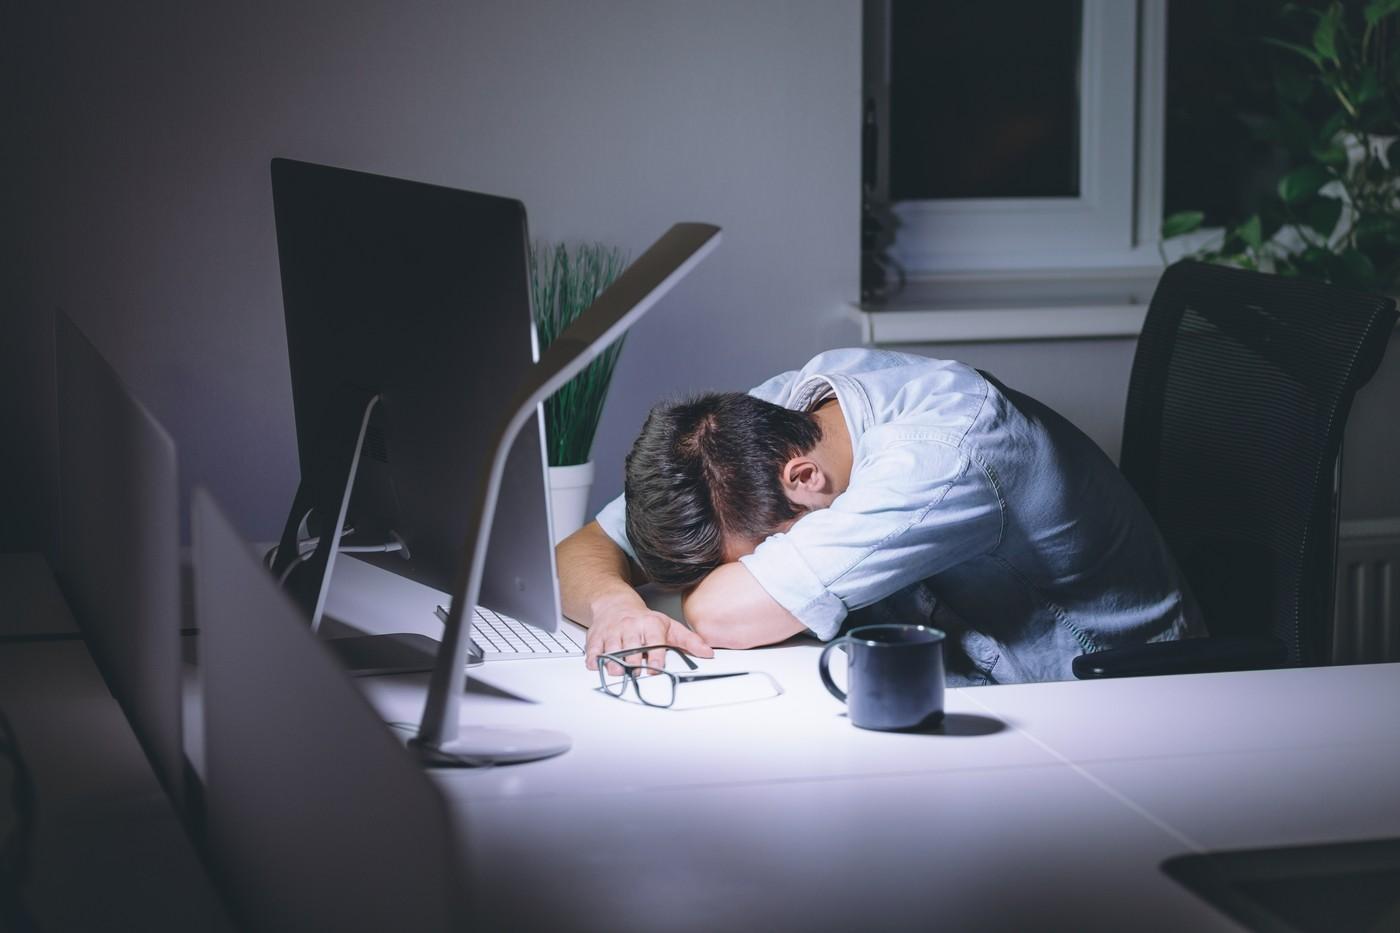 請戒掉加班才有生產力的迷思,鼓勵員工「工作與生活平衡」,才是好主管!